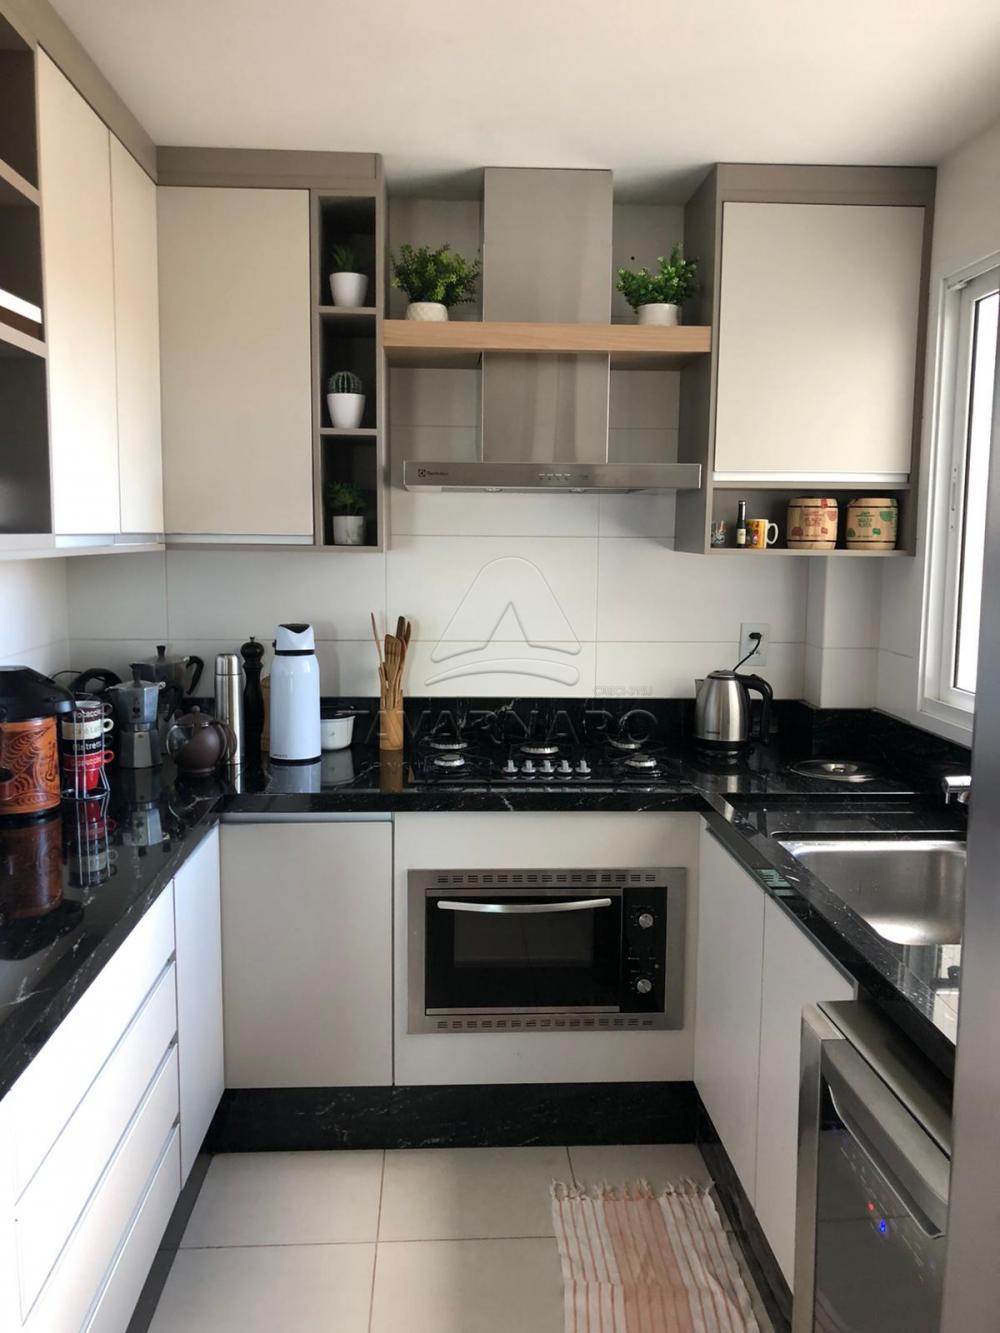 Comprar Apartamento / Padrão em Ponta Grossa R$ 610.000,00 - Foto 10